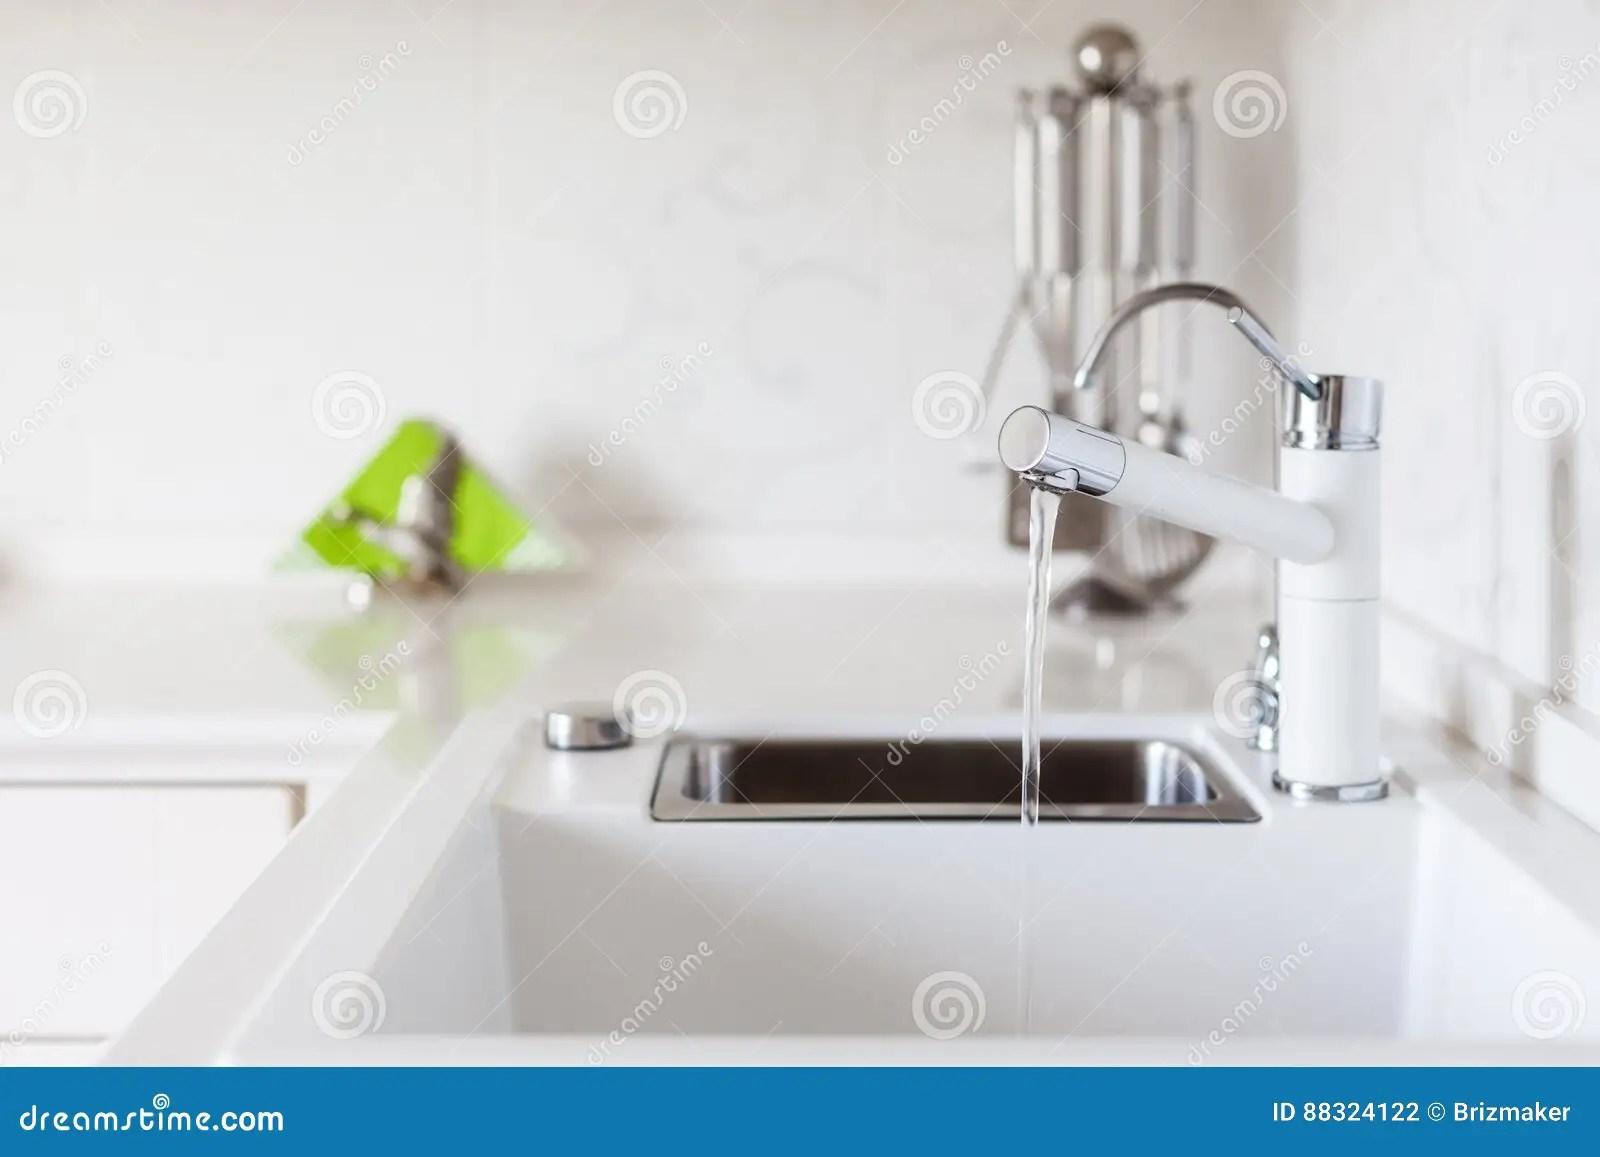 24 kitchen sink stonewall pancake mix 在白色厨房水槽的现代设计师镀铬物水龙头库存照片 图片包括有龙头 模式 在白色厨房水槽的现代设计师镀铬物水龙头